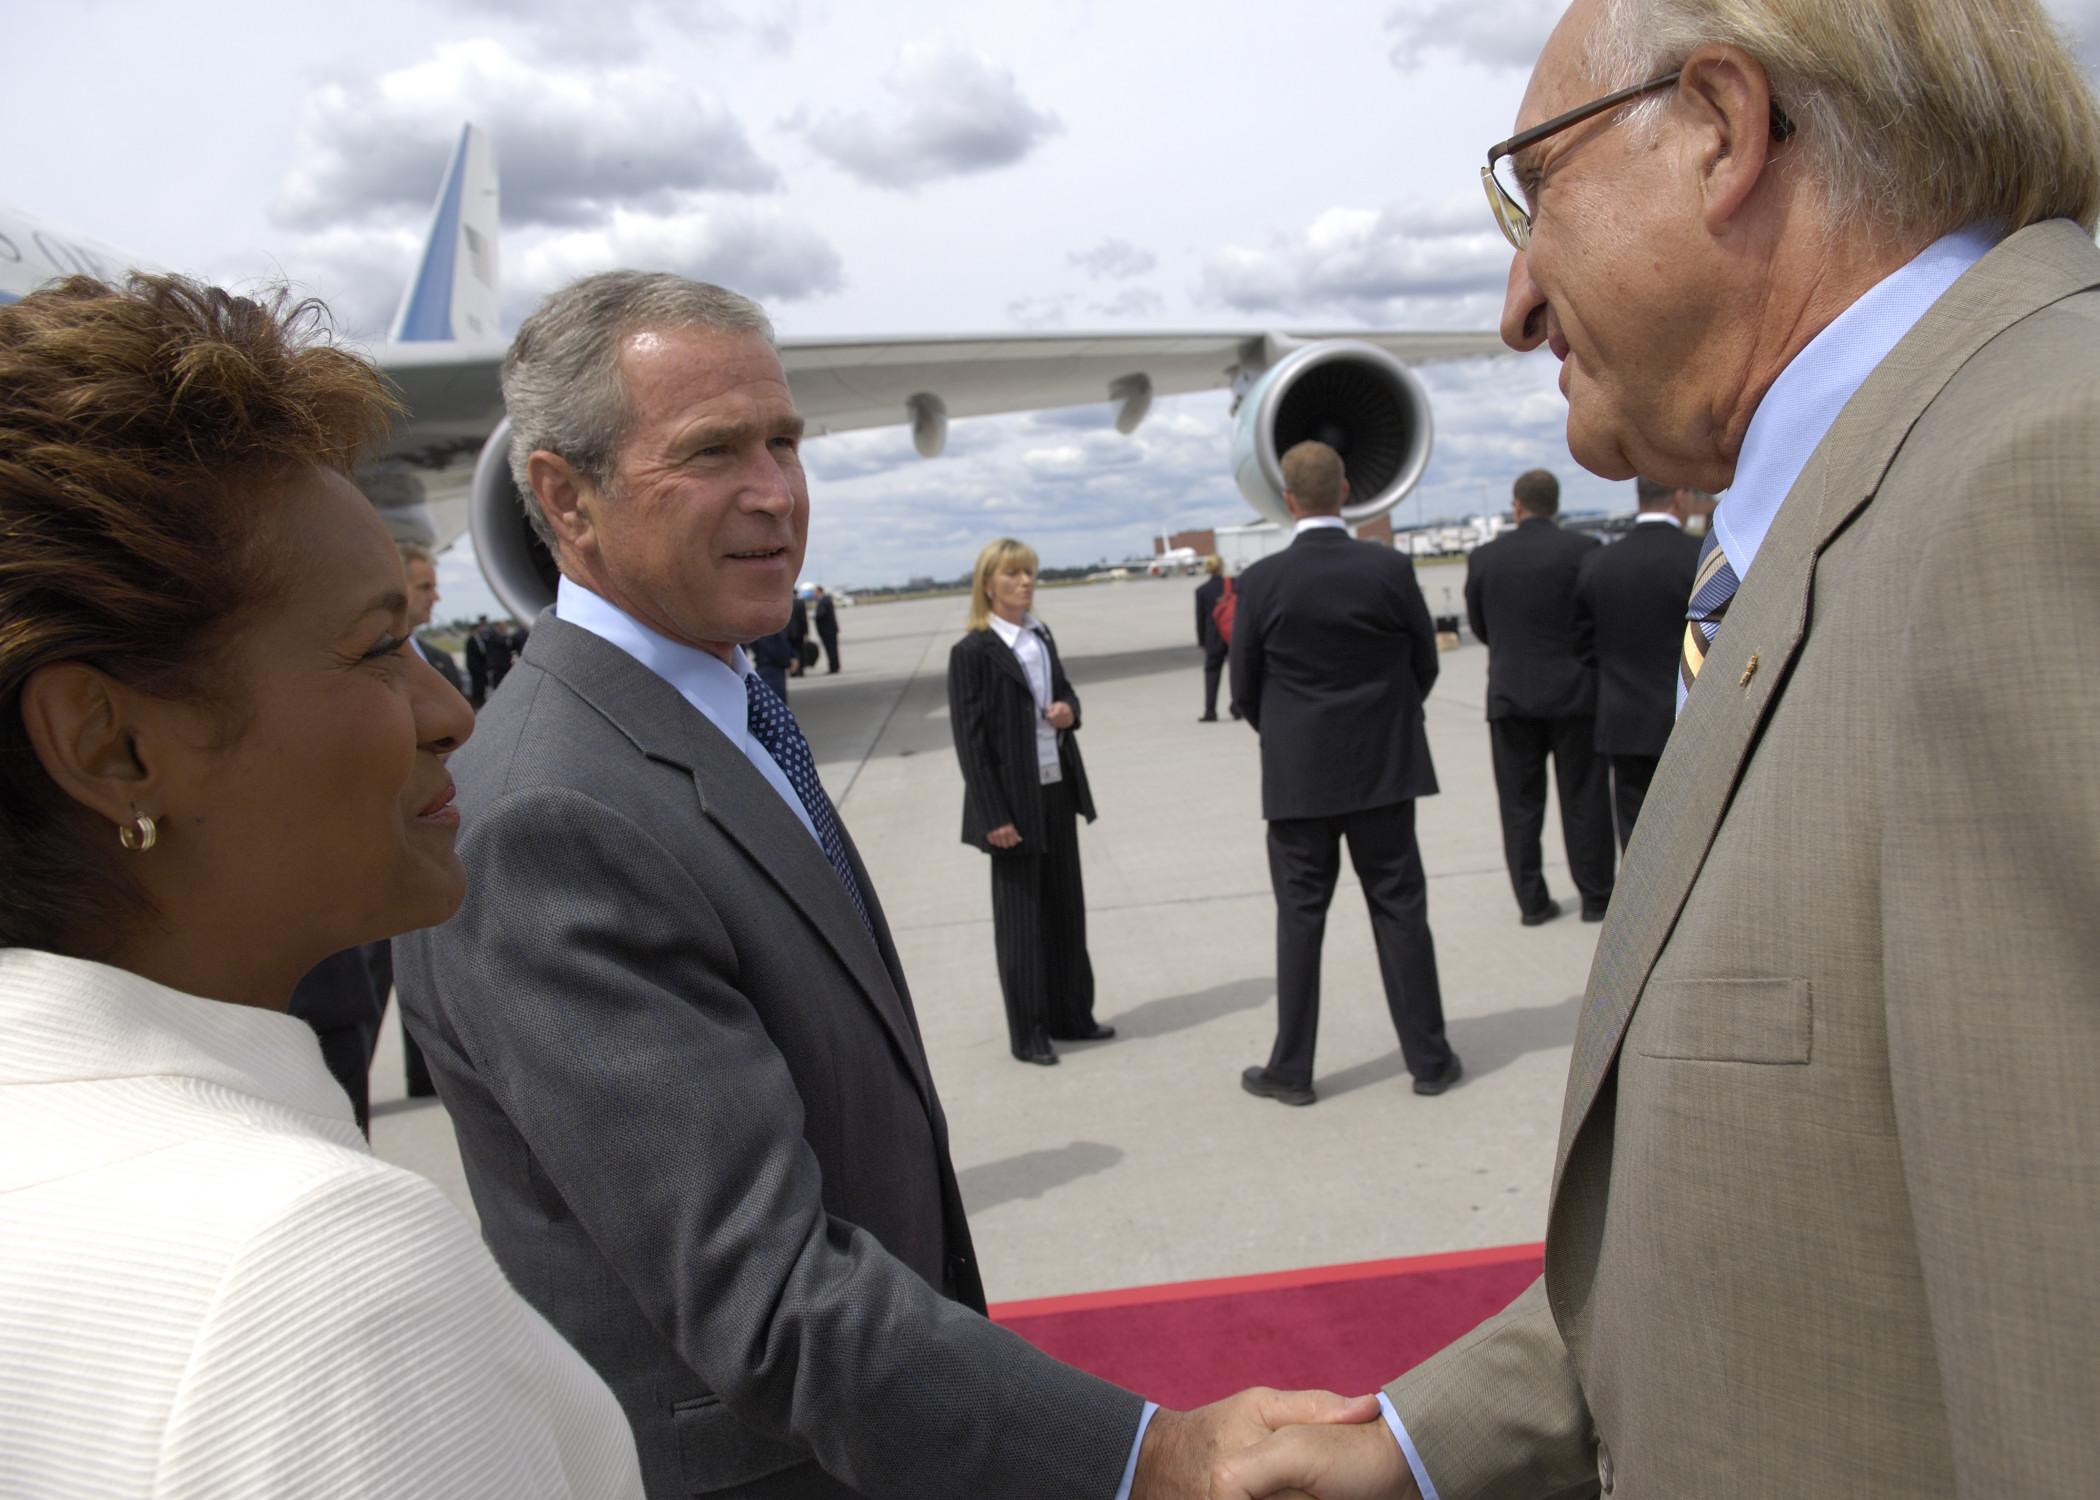 Visite du présient Bush 2007.jpg